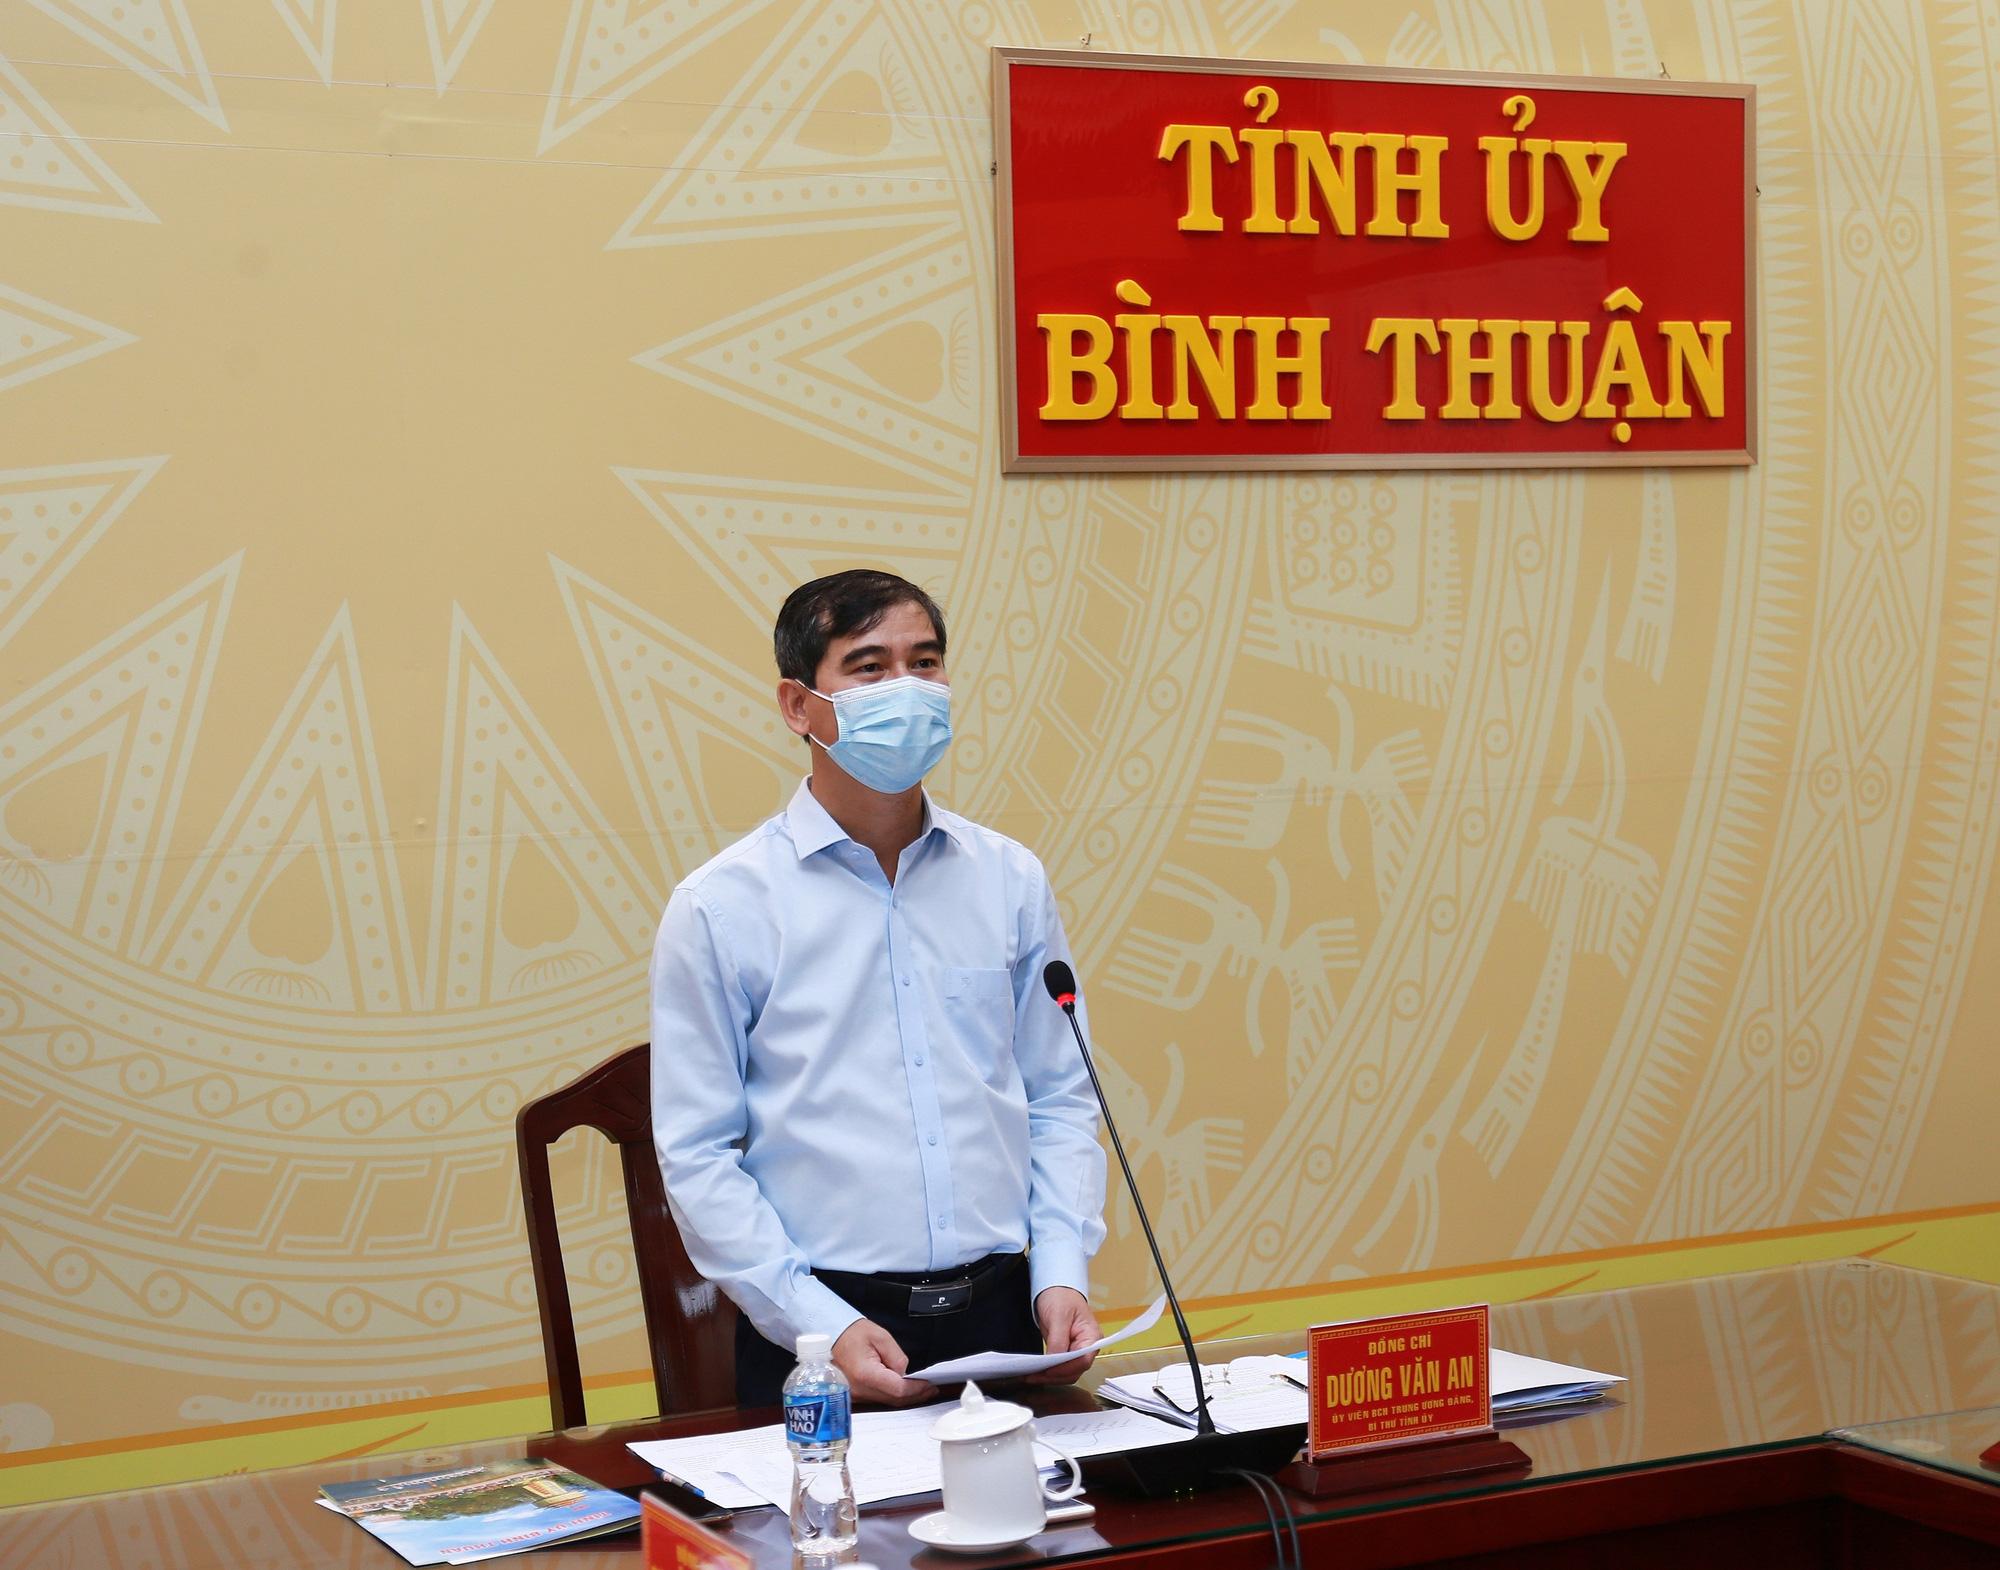 Bình Thuận: Khống chế dịch Covid - 19 và khẩn trương phục hồi, phát triển kinh tế  - Ảnh 3.